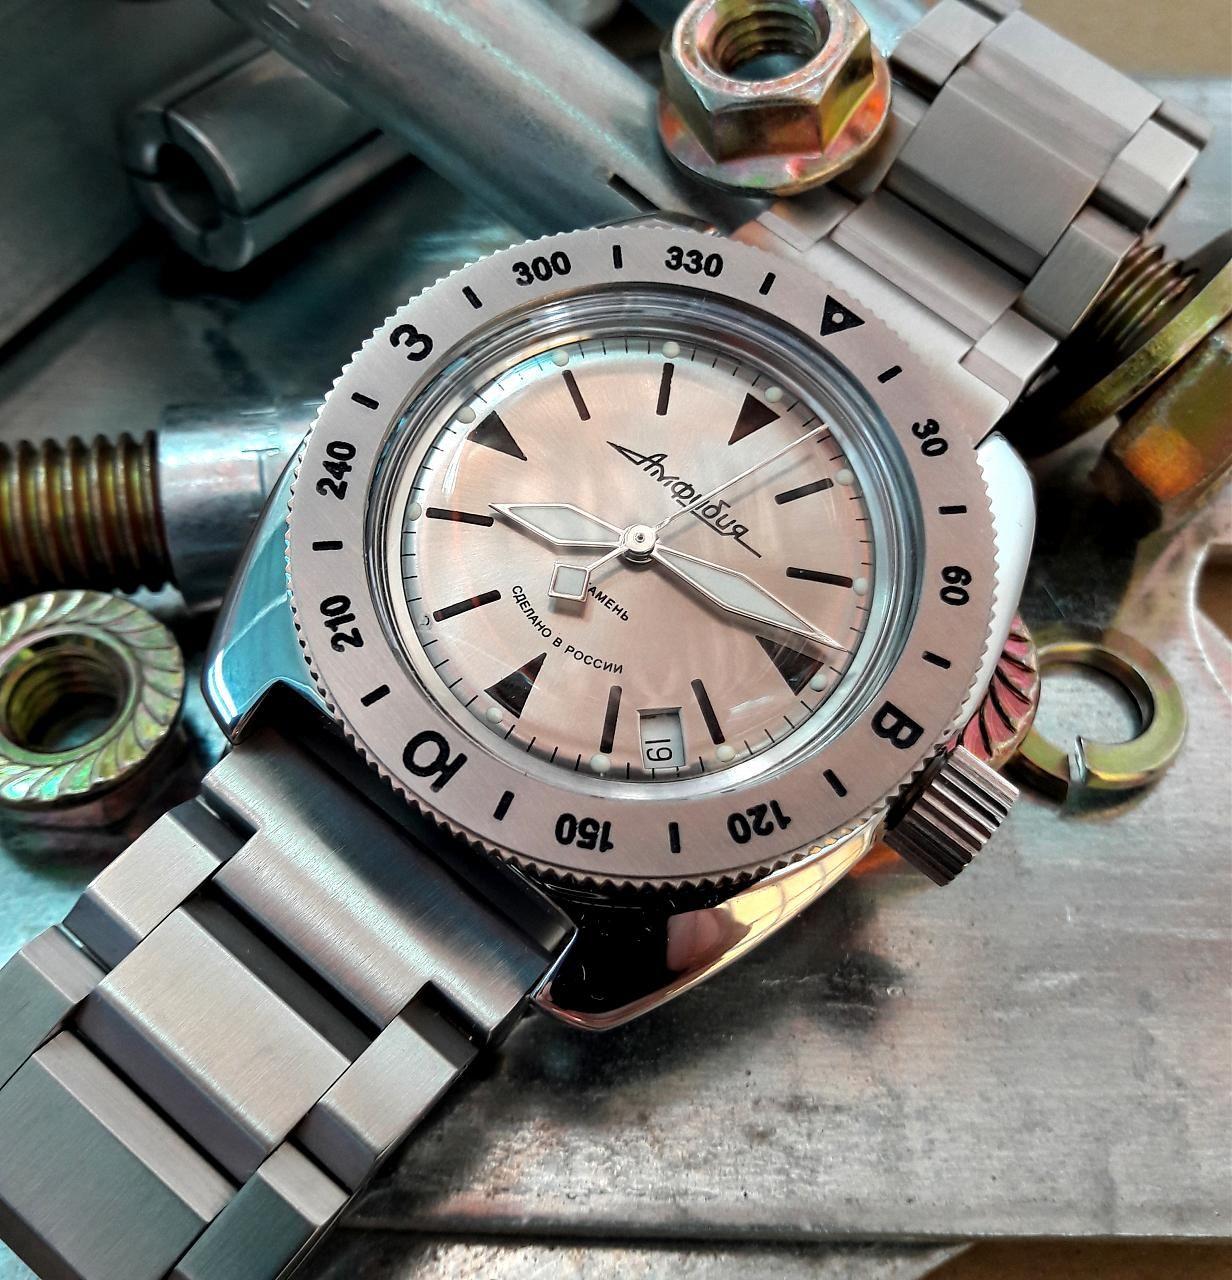 Modificacion Reмодификации Amphibia Reloj Vostok Часов Восток Foro I9HE2D